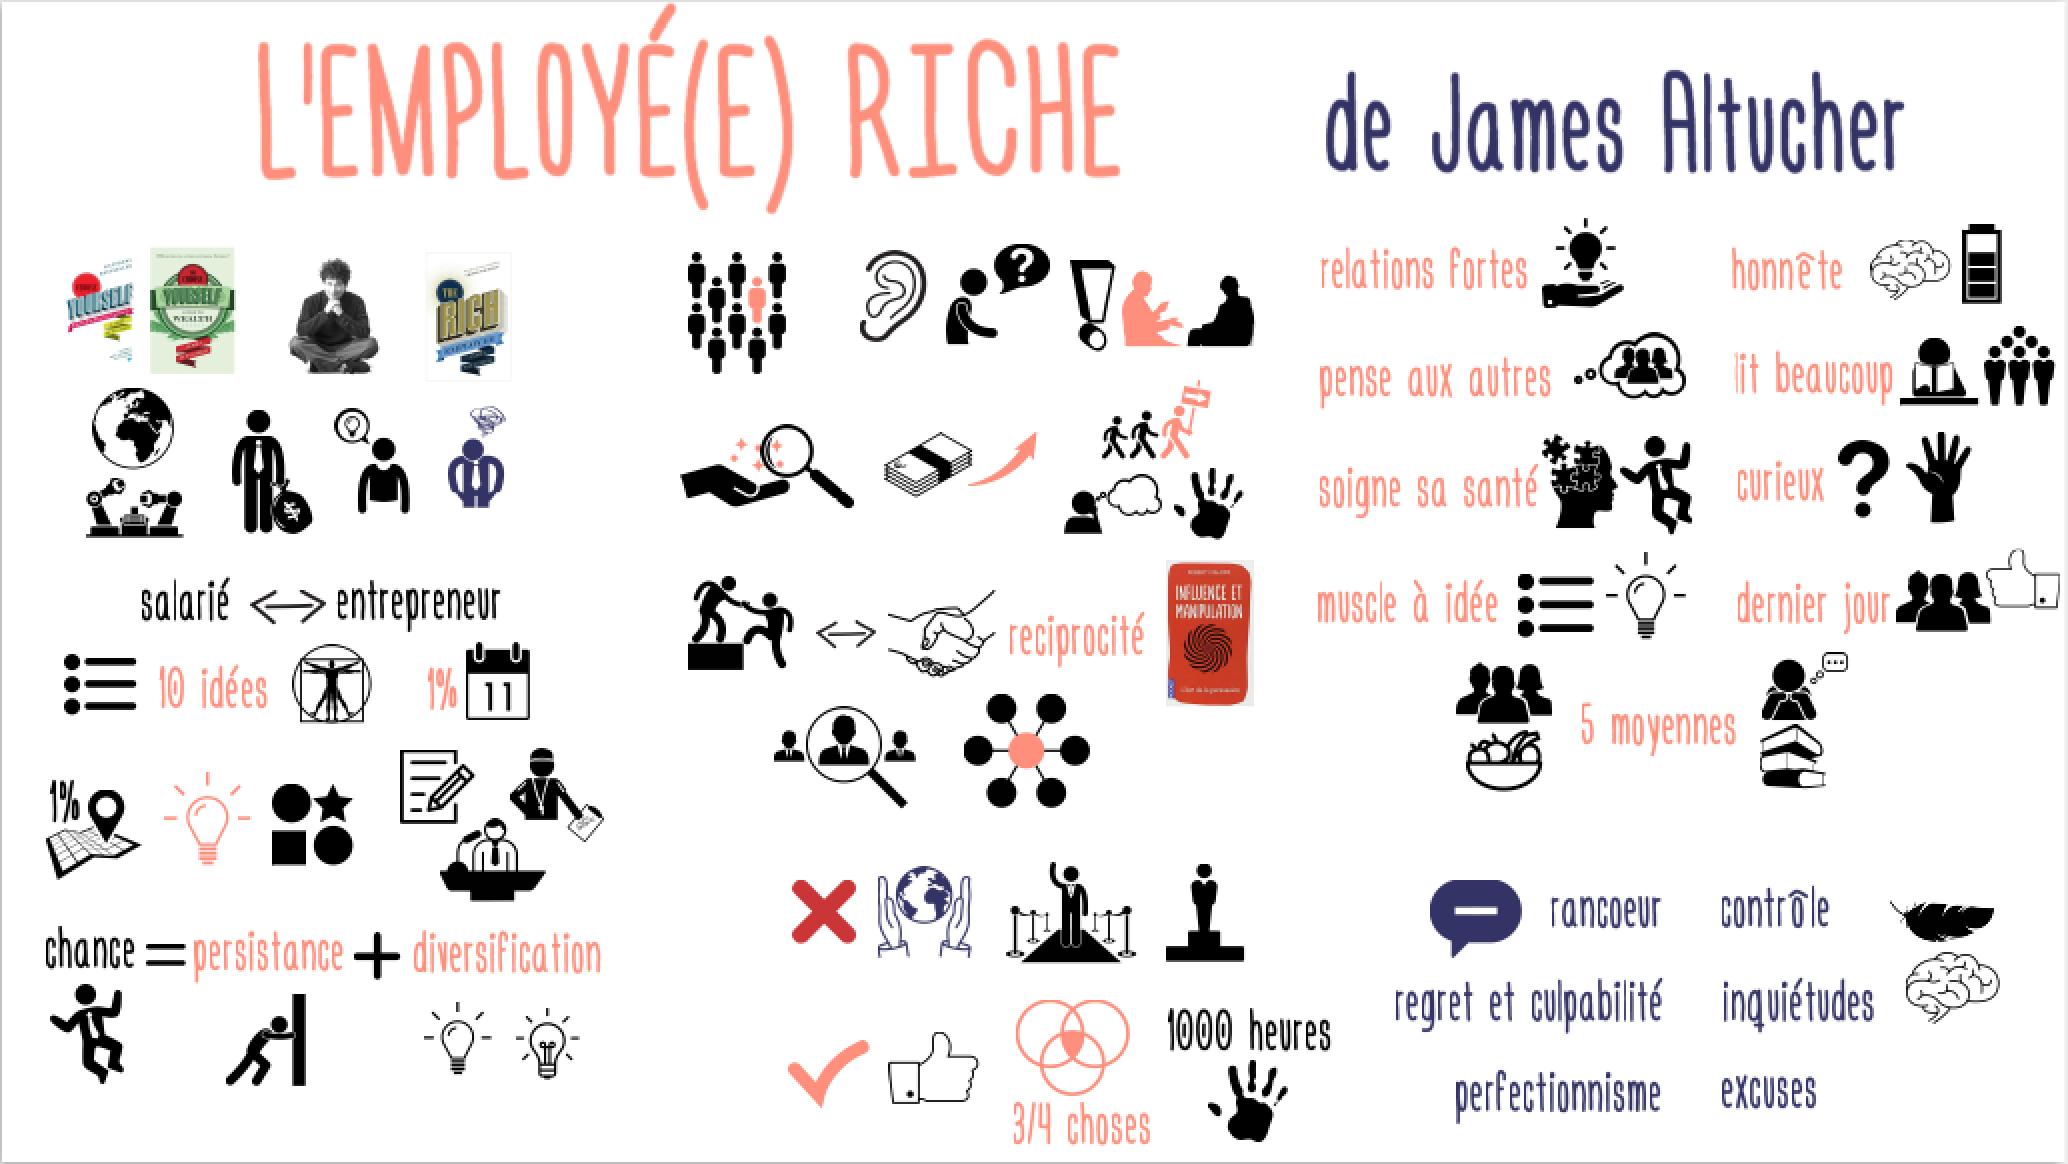 EmployeRiche